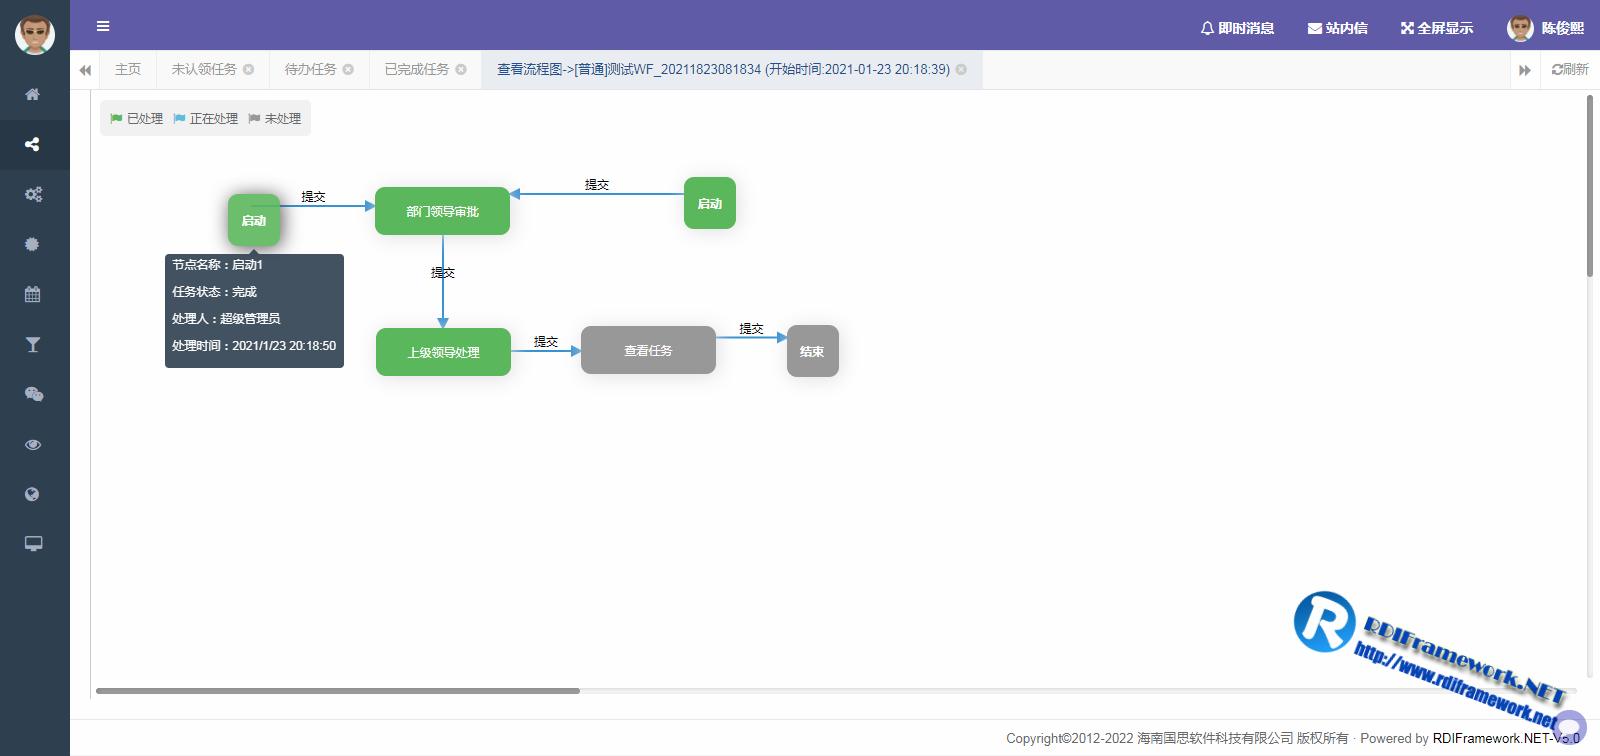 Web业务平台-已完成任务-查看流程图